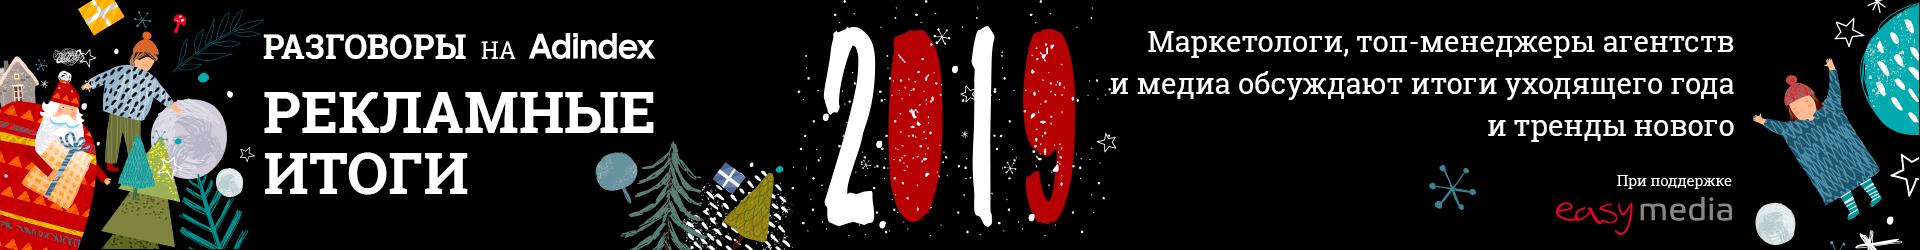 Итоги 2019 года — выбор редакции. Рекламный рынок в зоне турбулентности